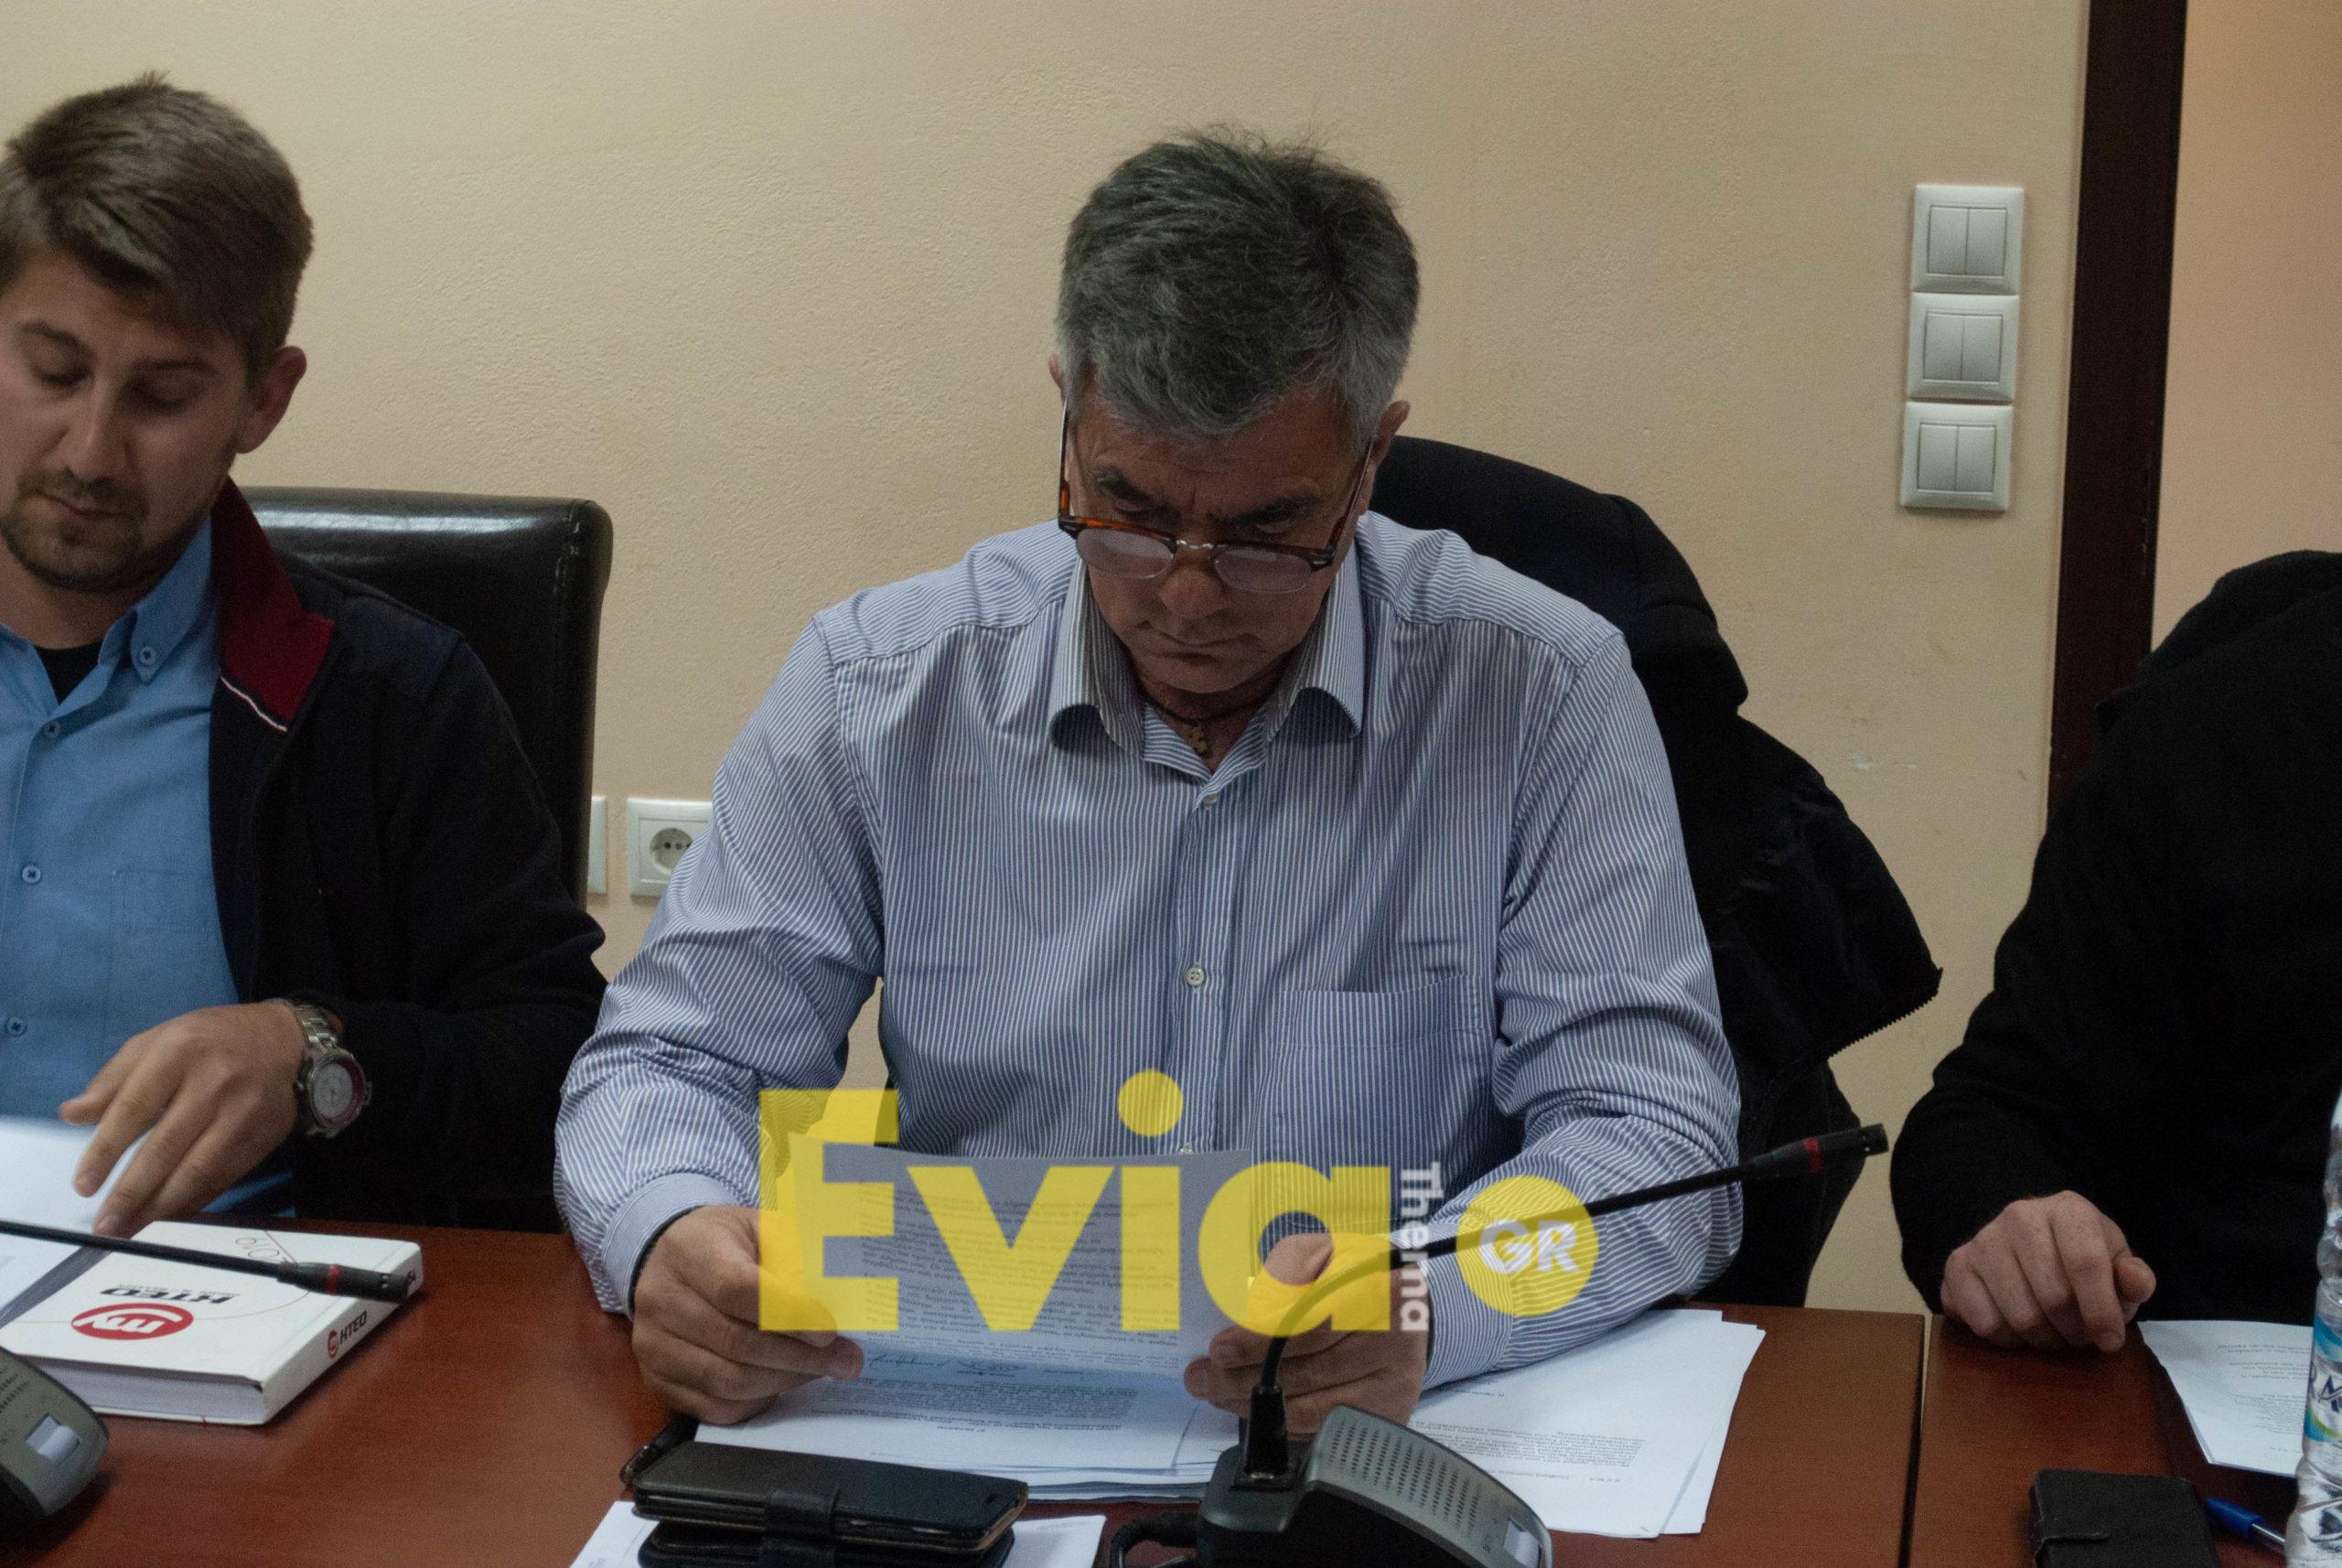 Δεύτερη απάντηση μετά τον Δήμαρχο Διρφύων Μεσσαπίων Γιώργο Ψαθά, Μετά τον Δήμαρχο Γιώργο Ψαθά, απάντηση δίνει και ο Αντιδήμαρχος Δημήτρης Γιαννούτσος για το θέμα των καταγγελιών στο eviathema.gr, Eviathema.gr | Εύβοια Τοπ Νέα Ειδήσεις